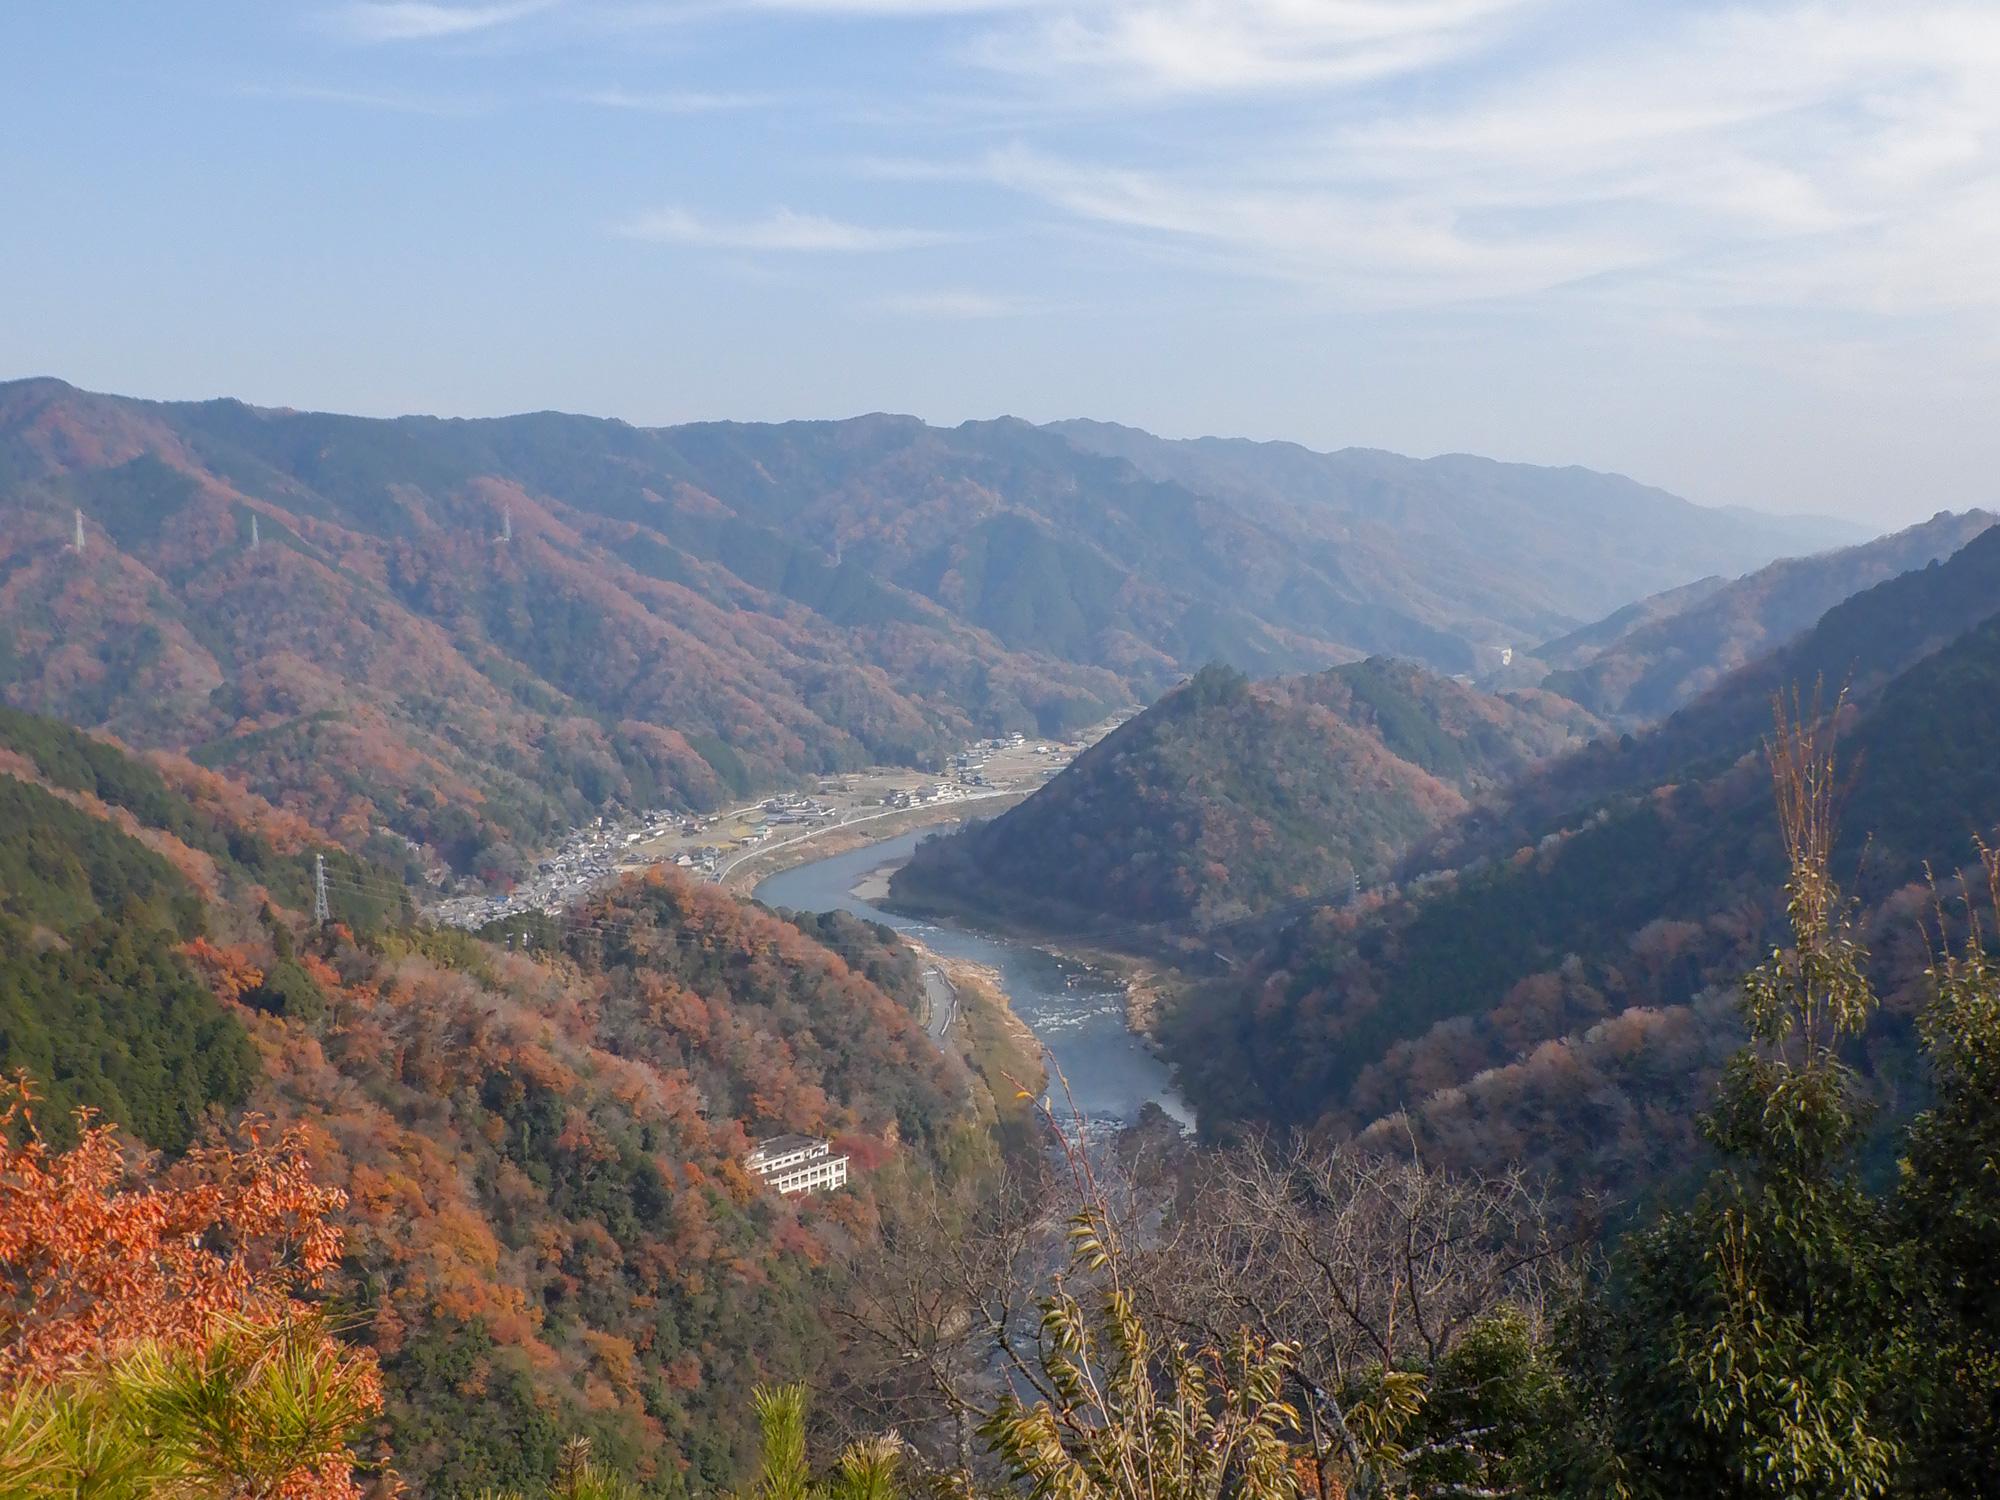 笠置寺 平等石からの景色